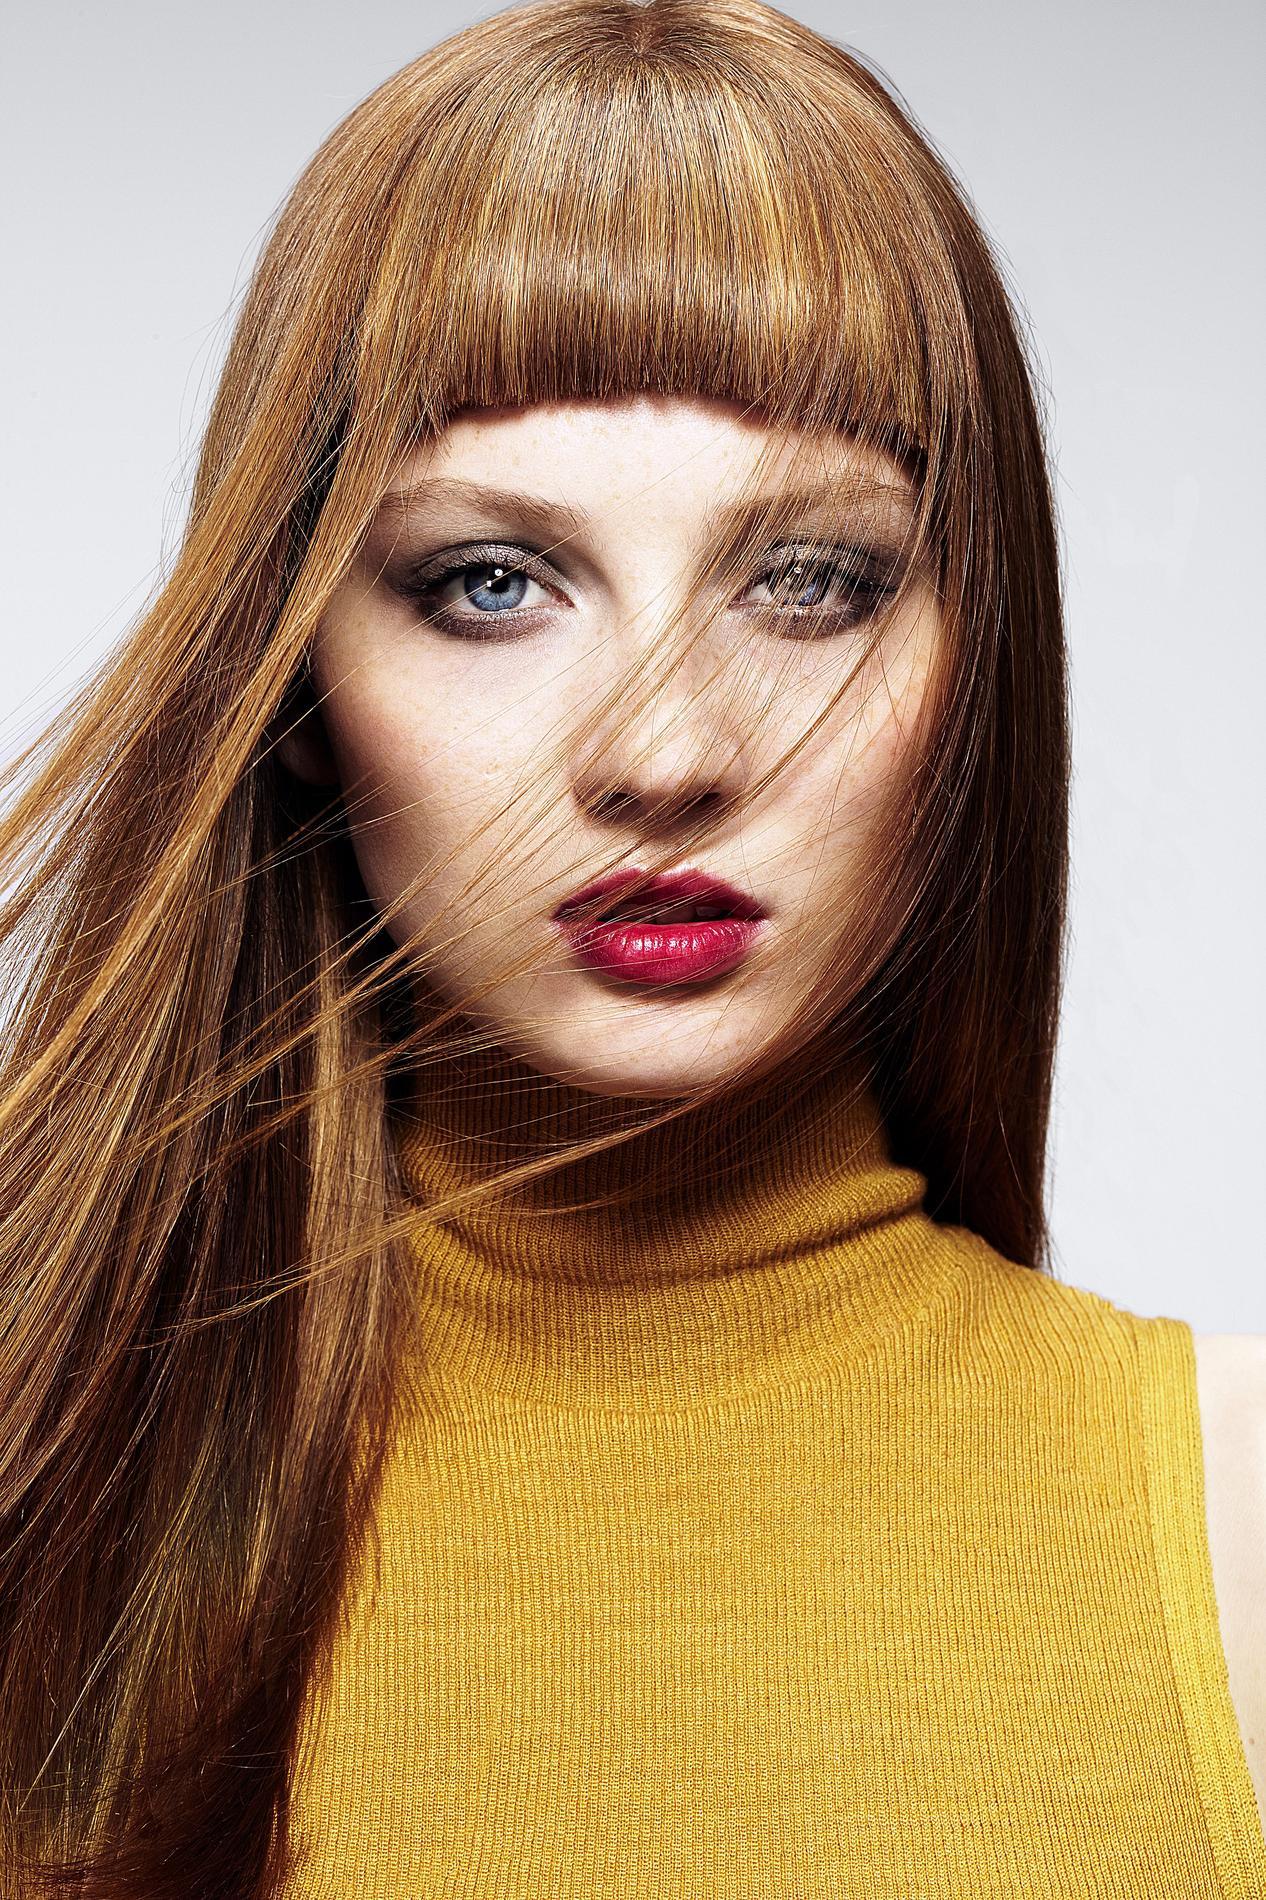 coupe et coloration - Coloration Ton Sur Ton Blond